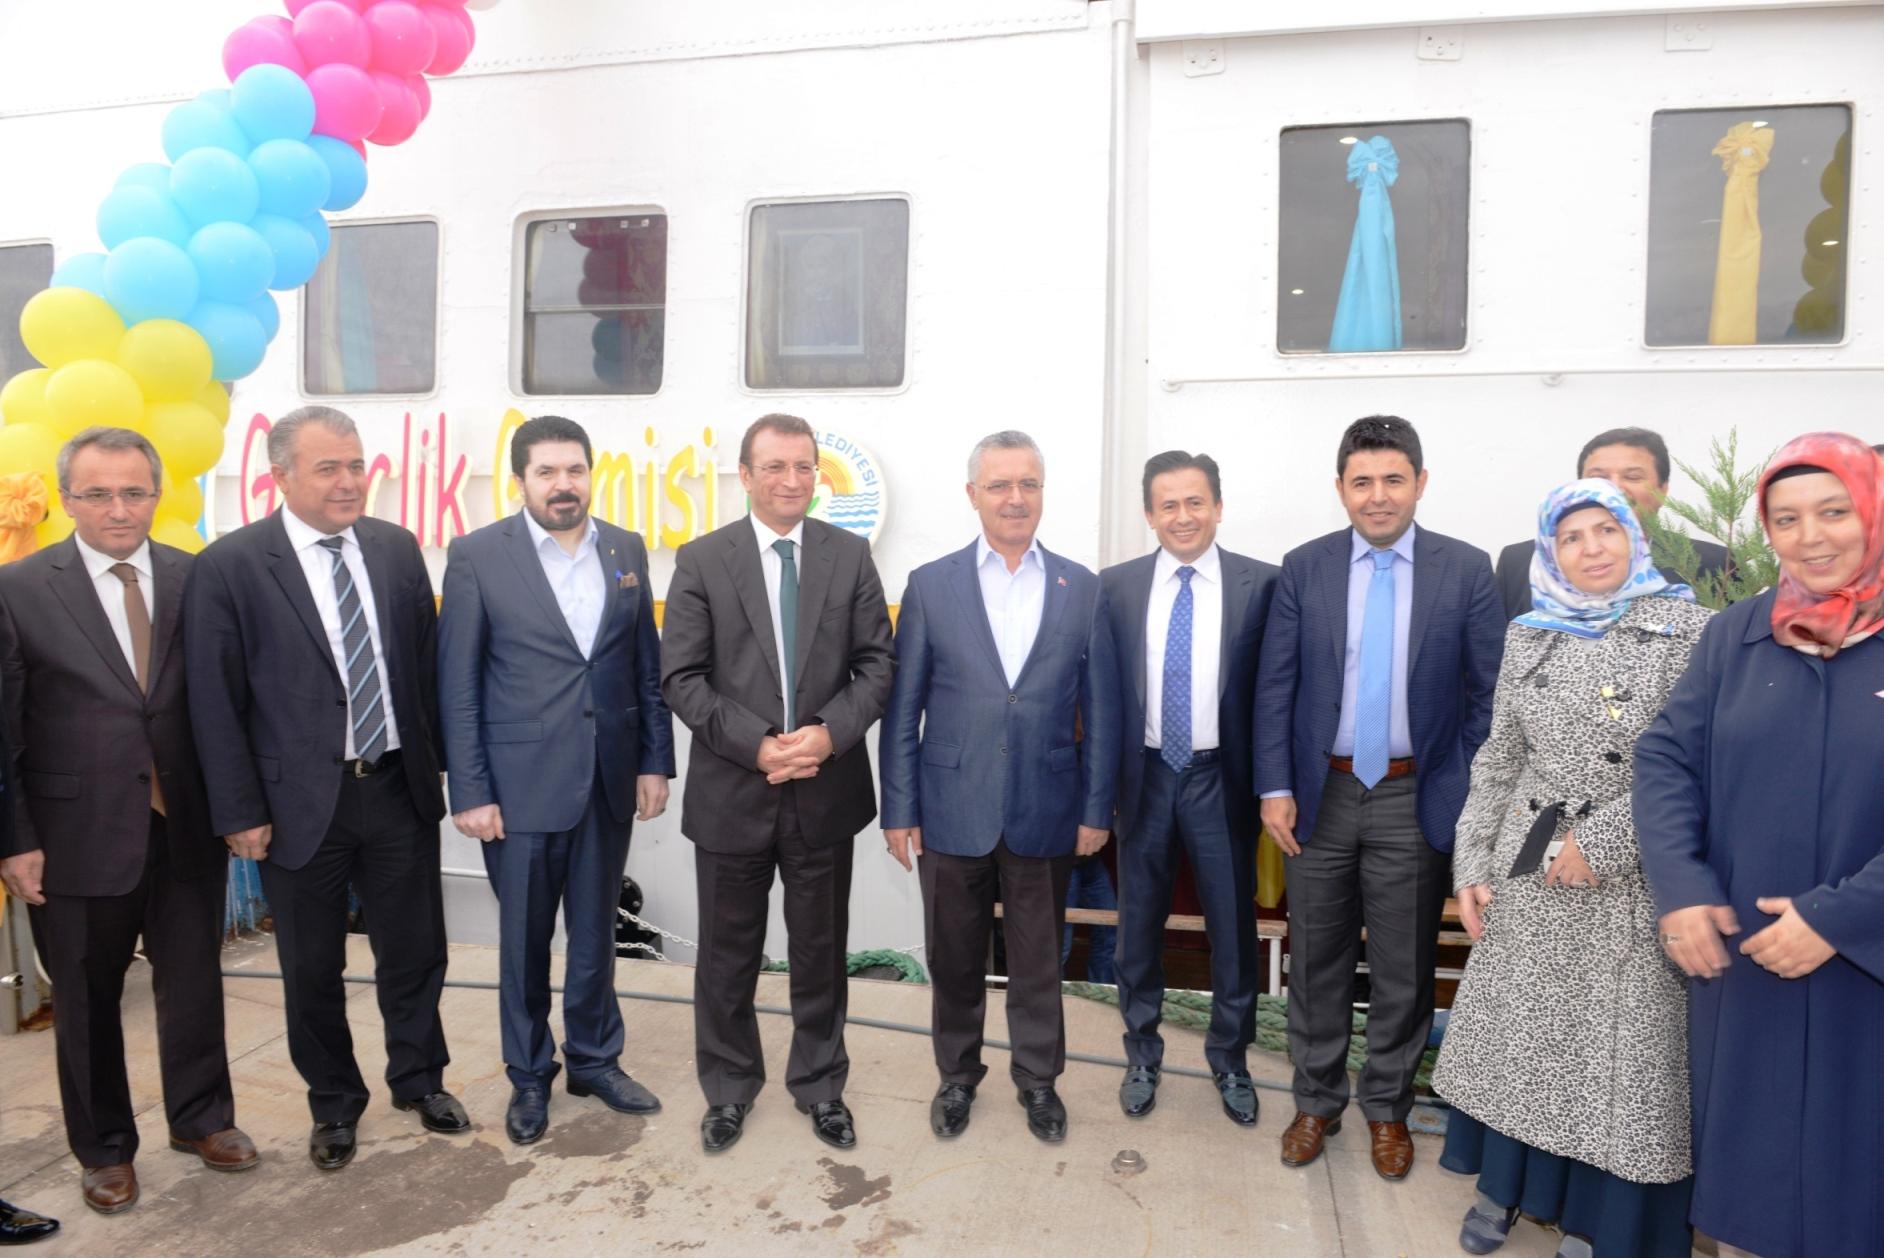 AK Partili Belediye Başkanı, bir CHP'liye plaket veriyor!